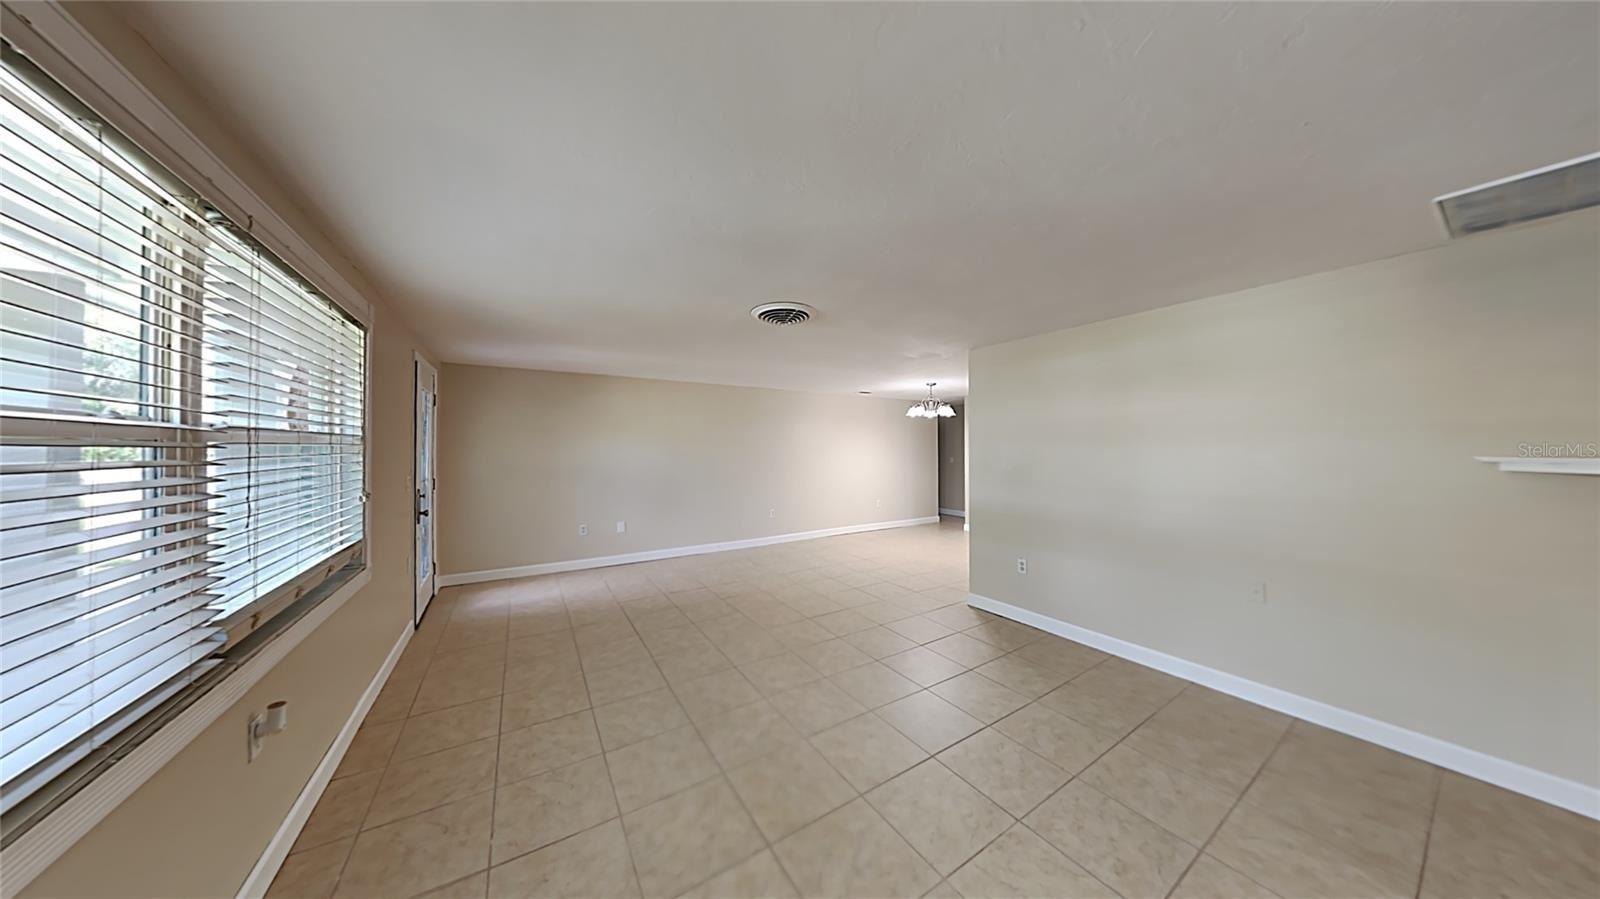 Photo of 3319 SHAMROCK DRIVE, VENICE, FL 34293 (MLS # T3331160)